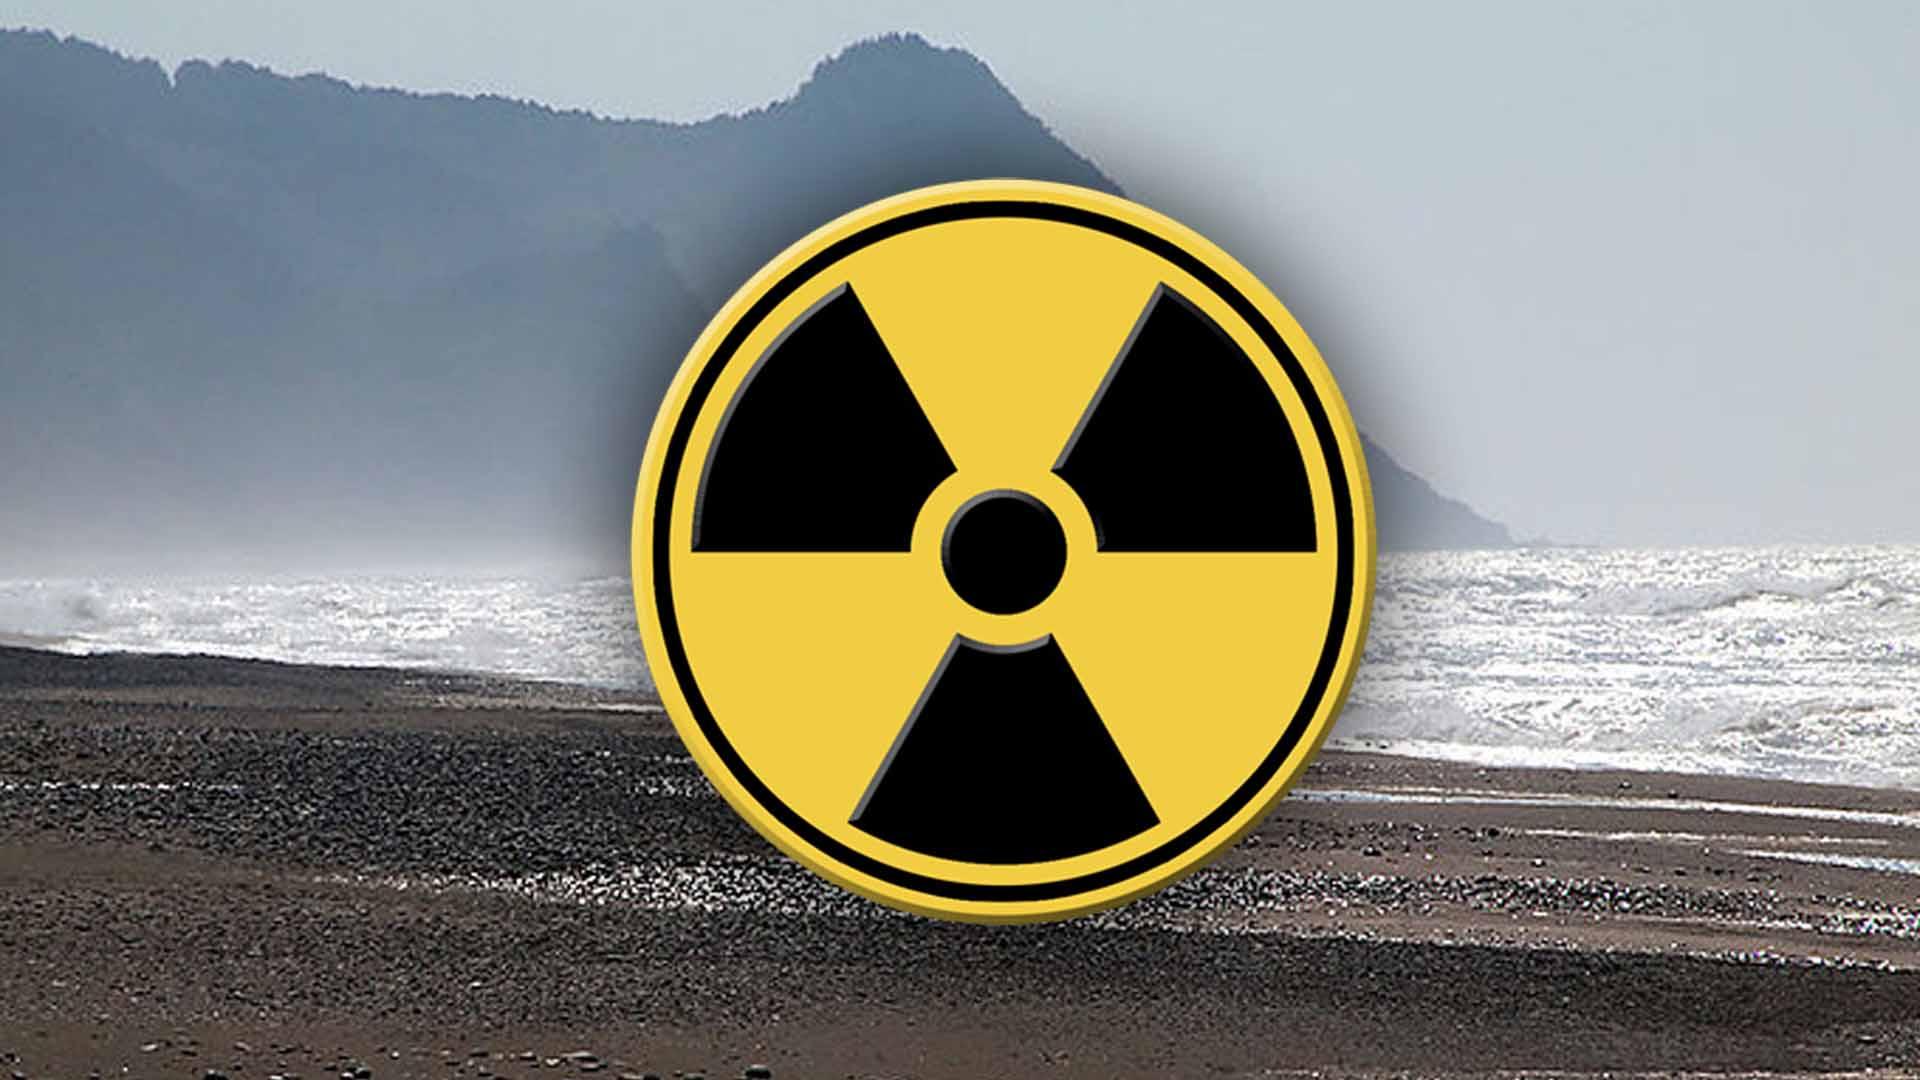 это одна знак радиации фото картинка блюда получается